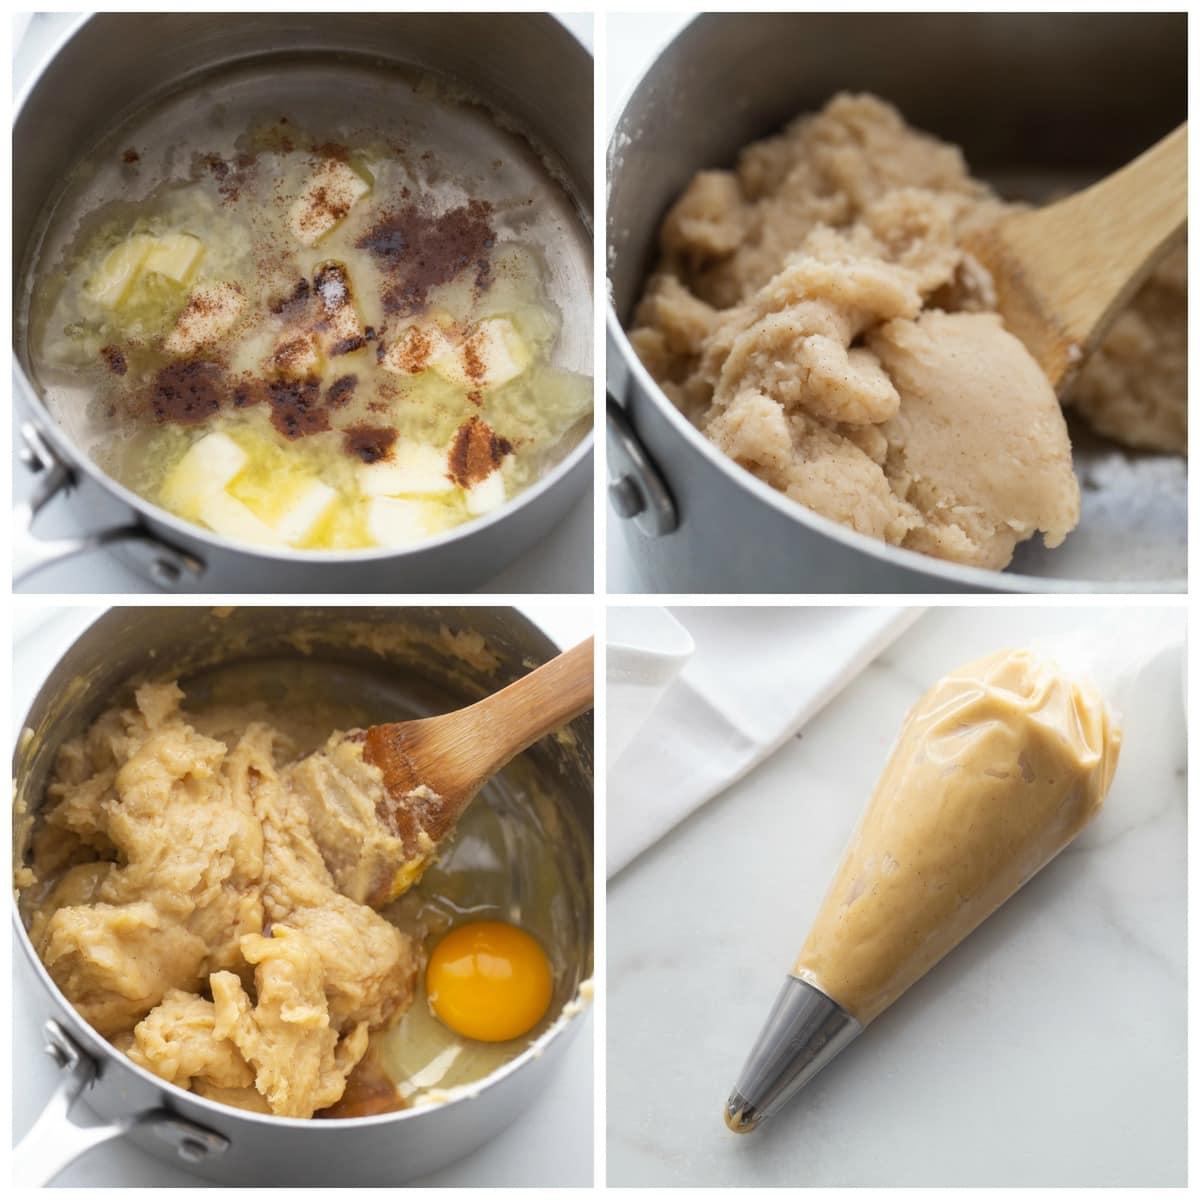 How to make churros process pics